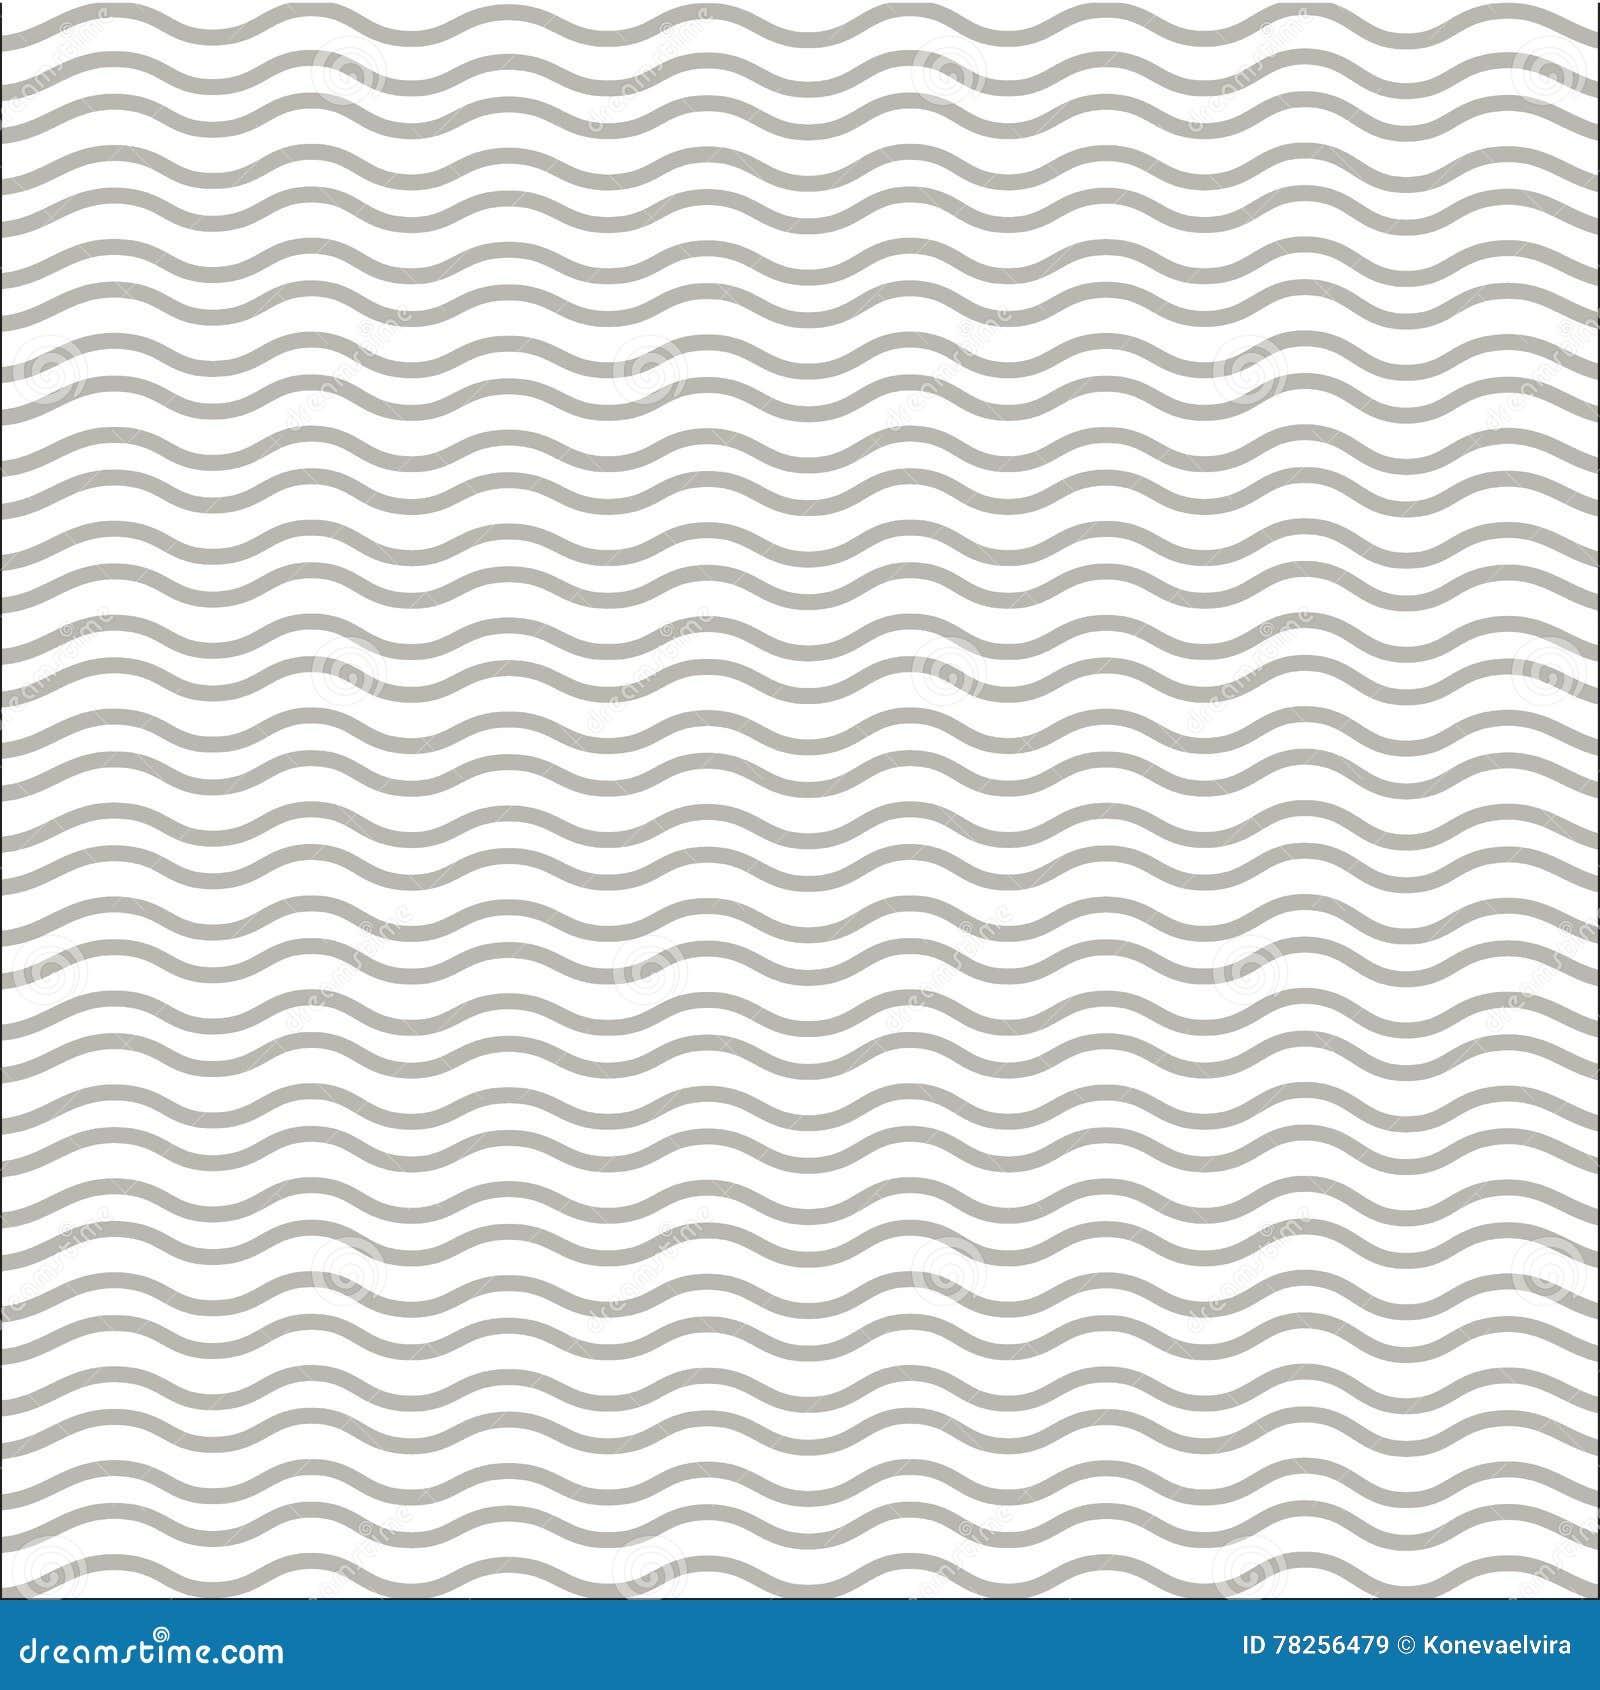 Καφετιά κυματιστή διανυσματική απεικόνιση γραμμών γεωμετρικό πρότυπο Άνευ ραφής ανασκόπηση Αφηρημένη σύσταση για τις ταπετσαρίες